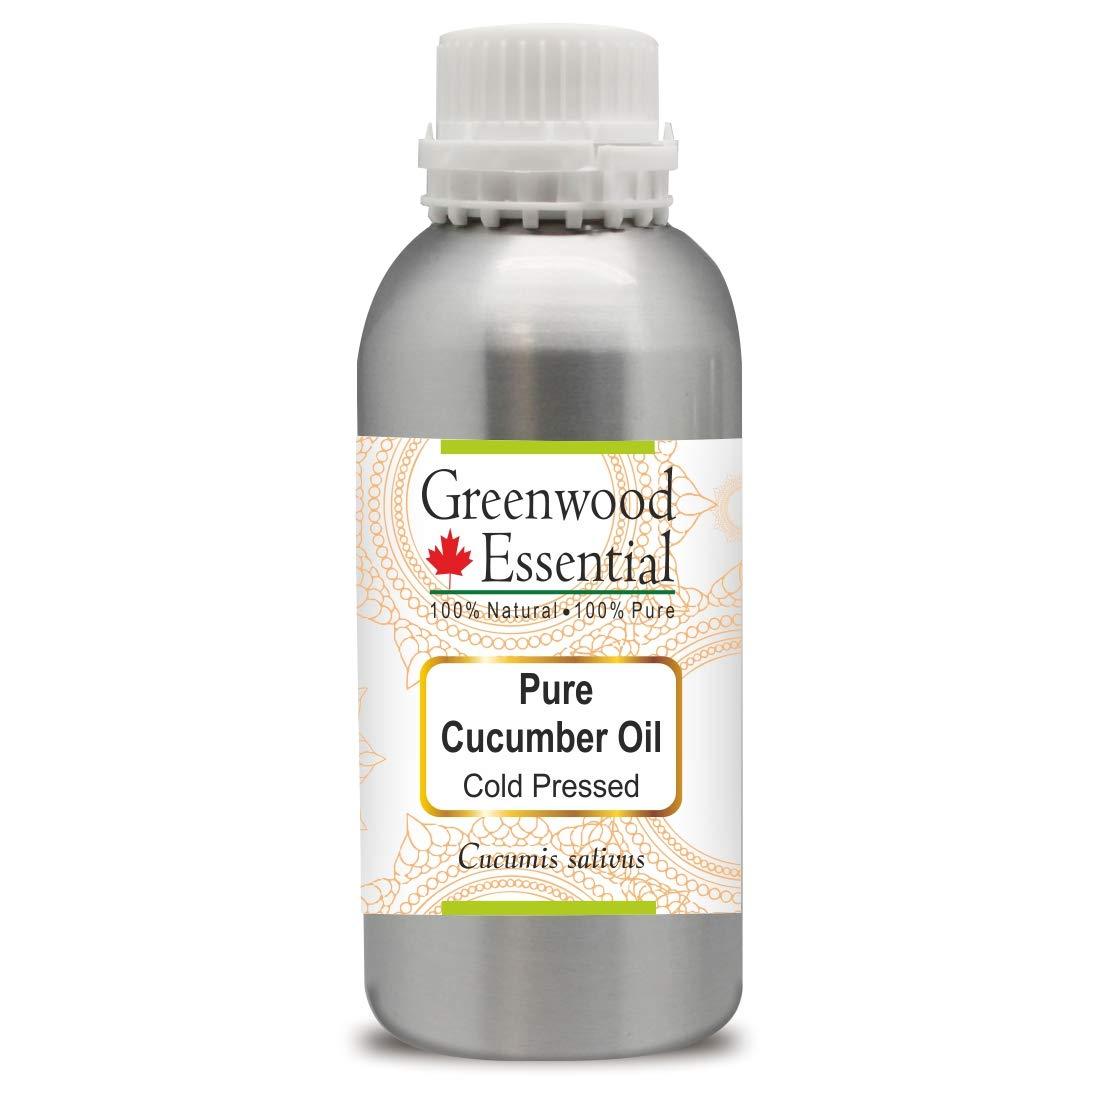 Greenwood サービス Essential Pure 大幅値下げランキング Cucumber Oil 100% sativus Cucumis Nat